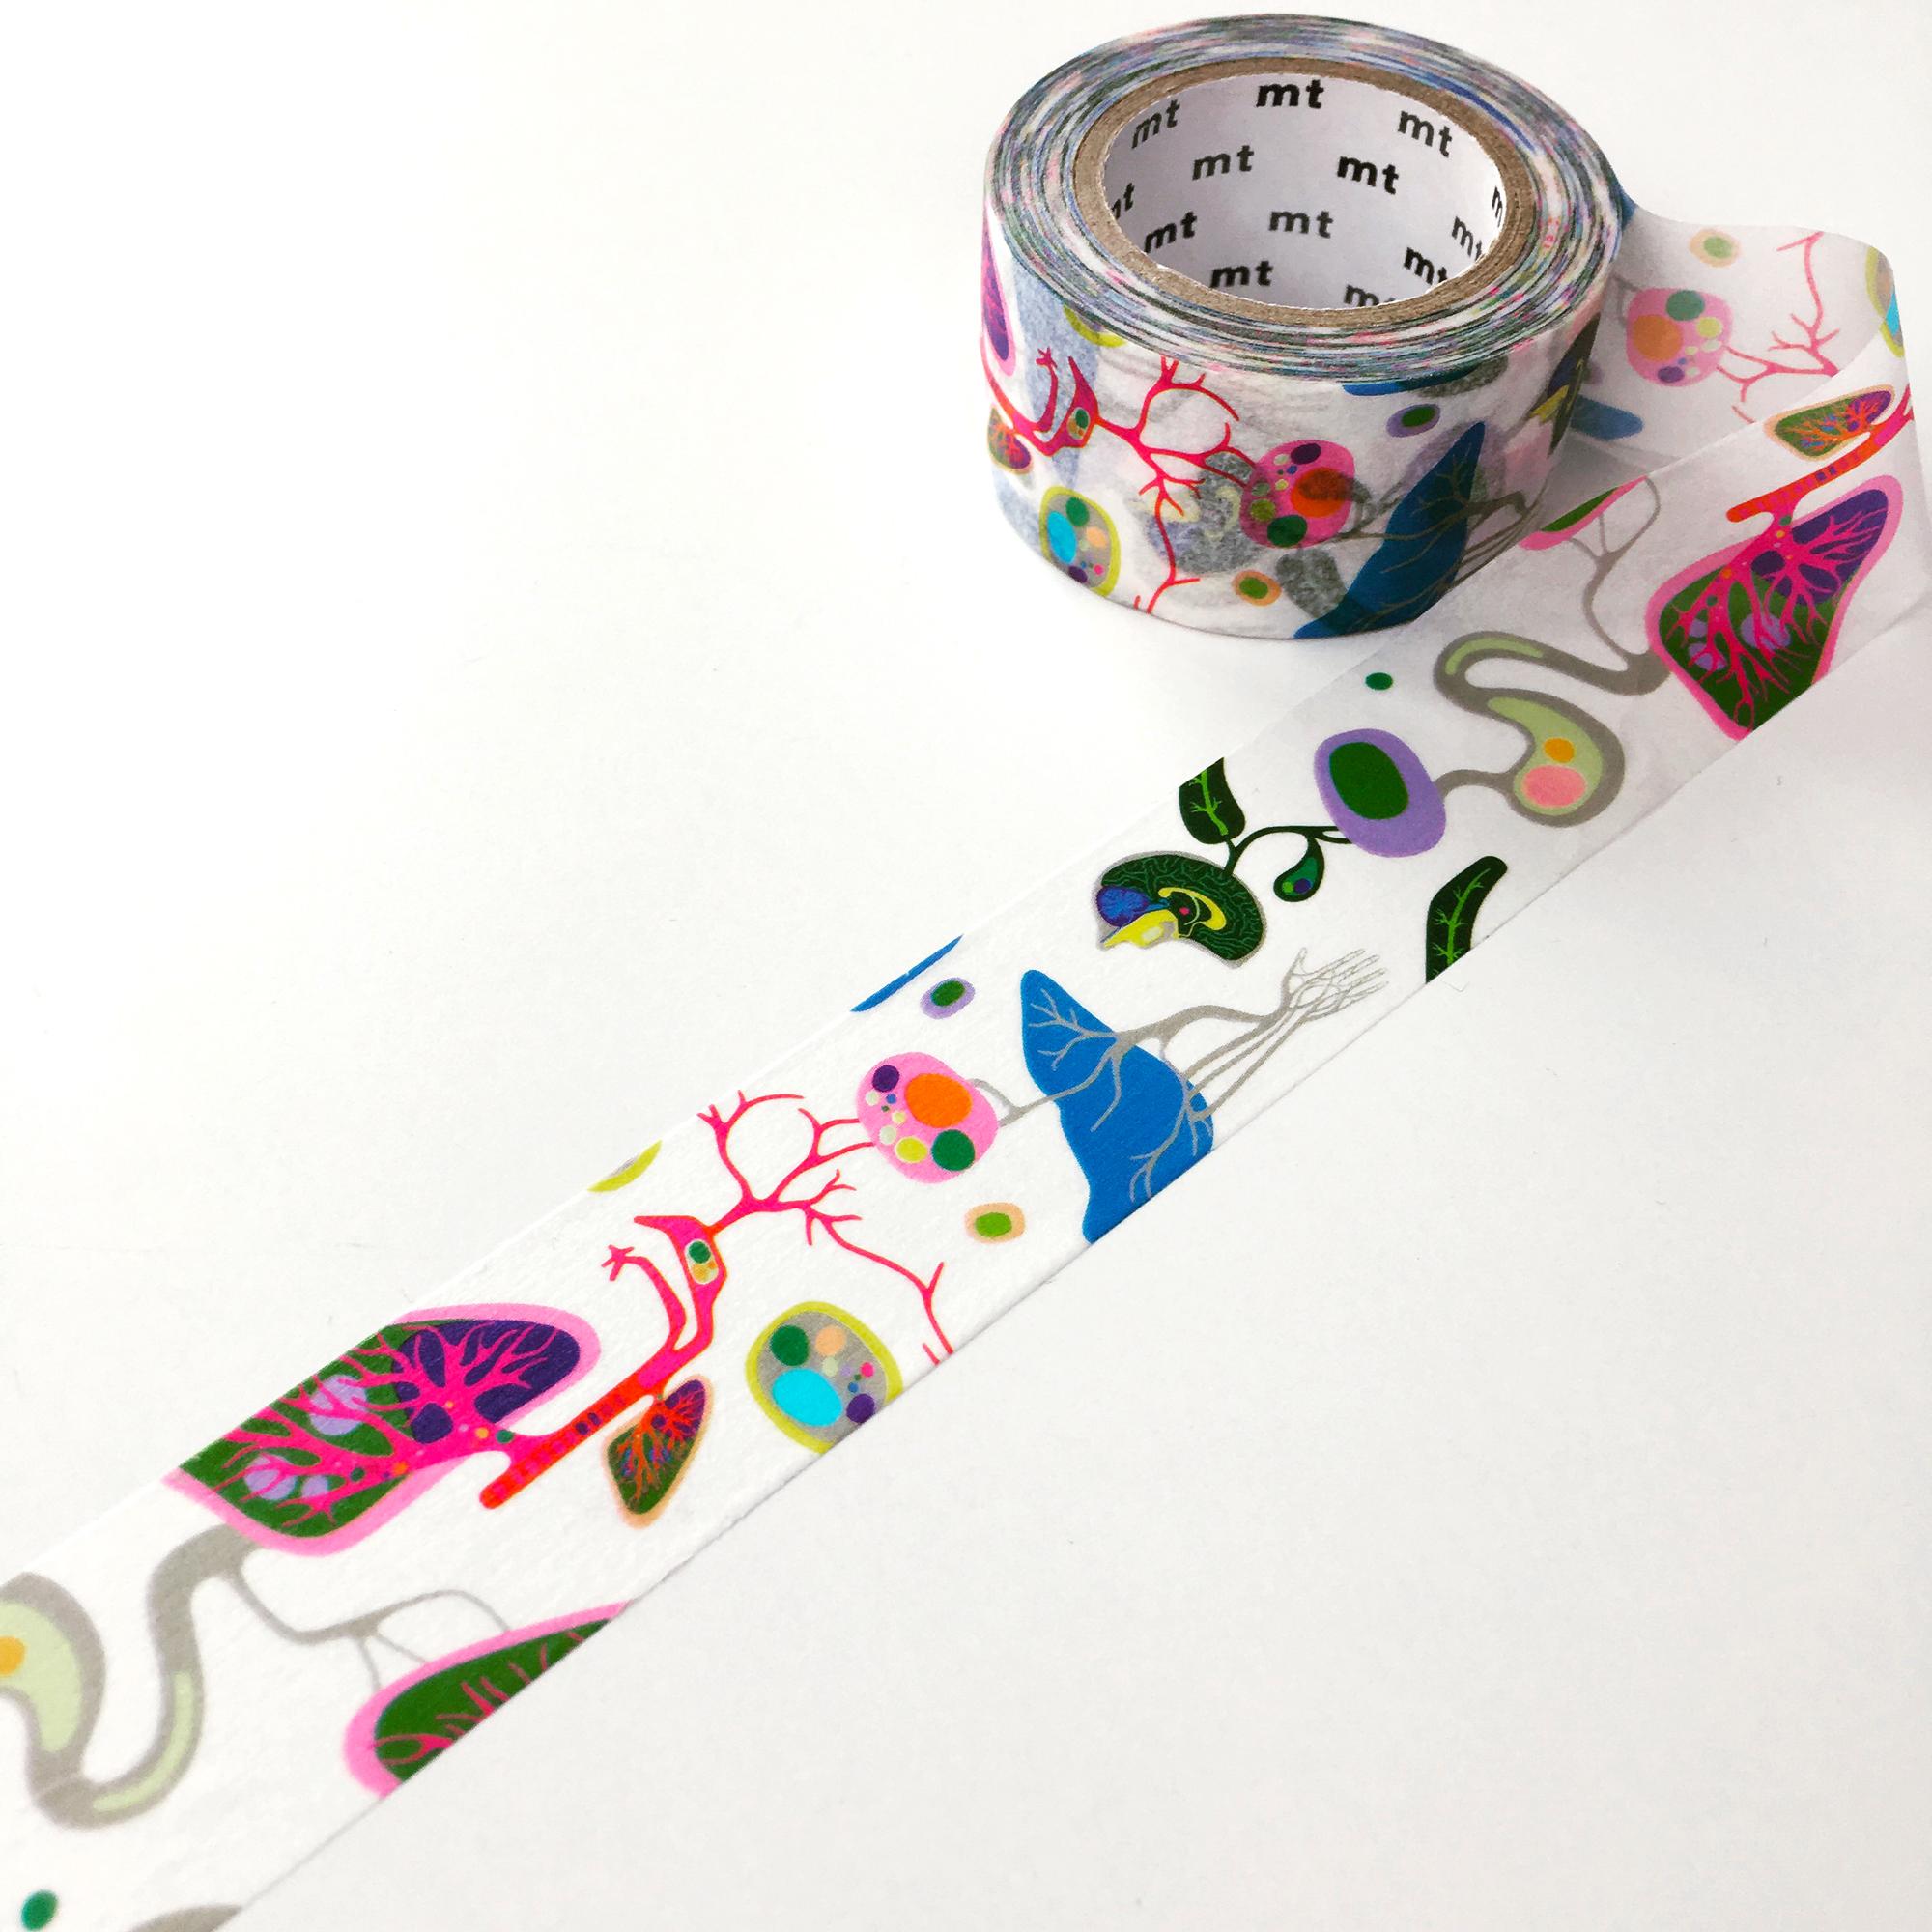 Stholmdesignlab/MT Masking Tape